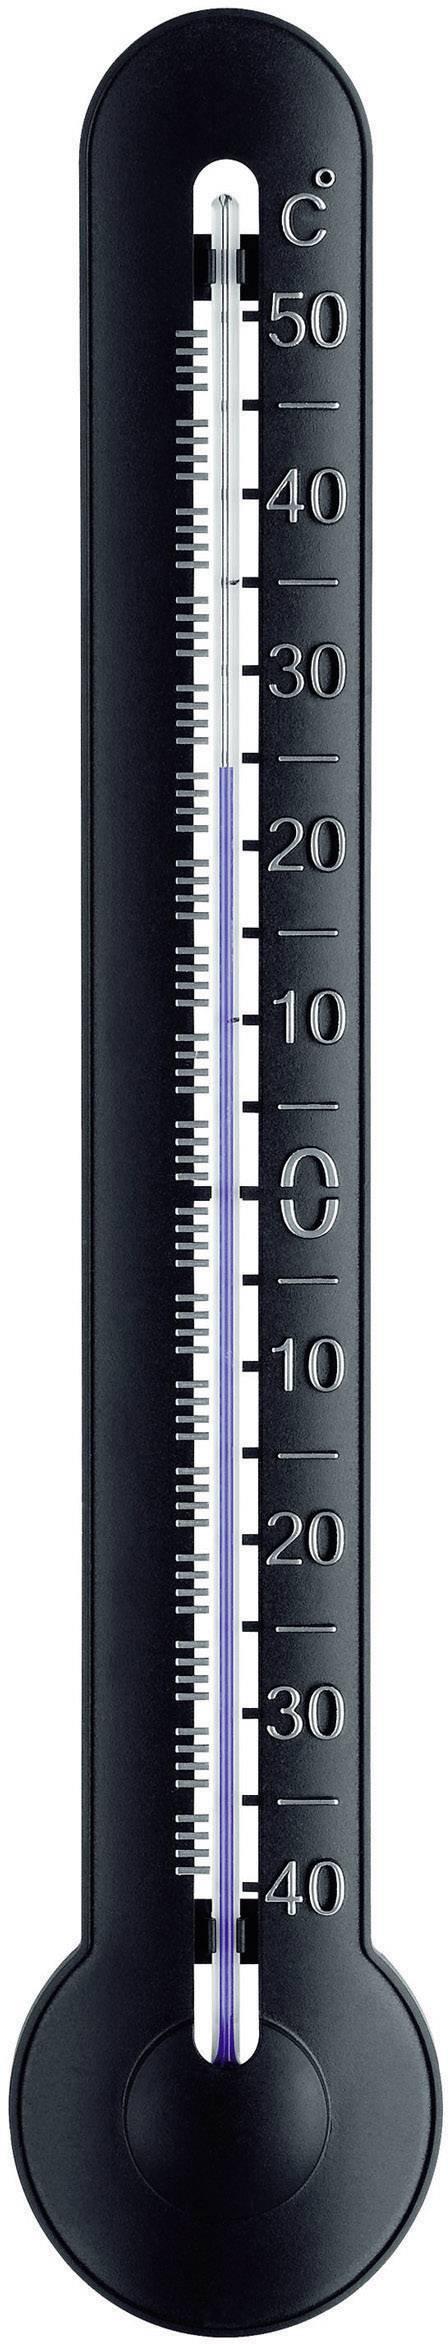 TFA-DOSTMANN Kunststoffthermometer Innen//Aussen Thermometer Temperatur Wetter